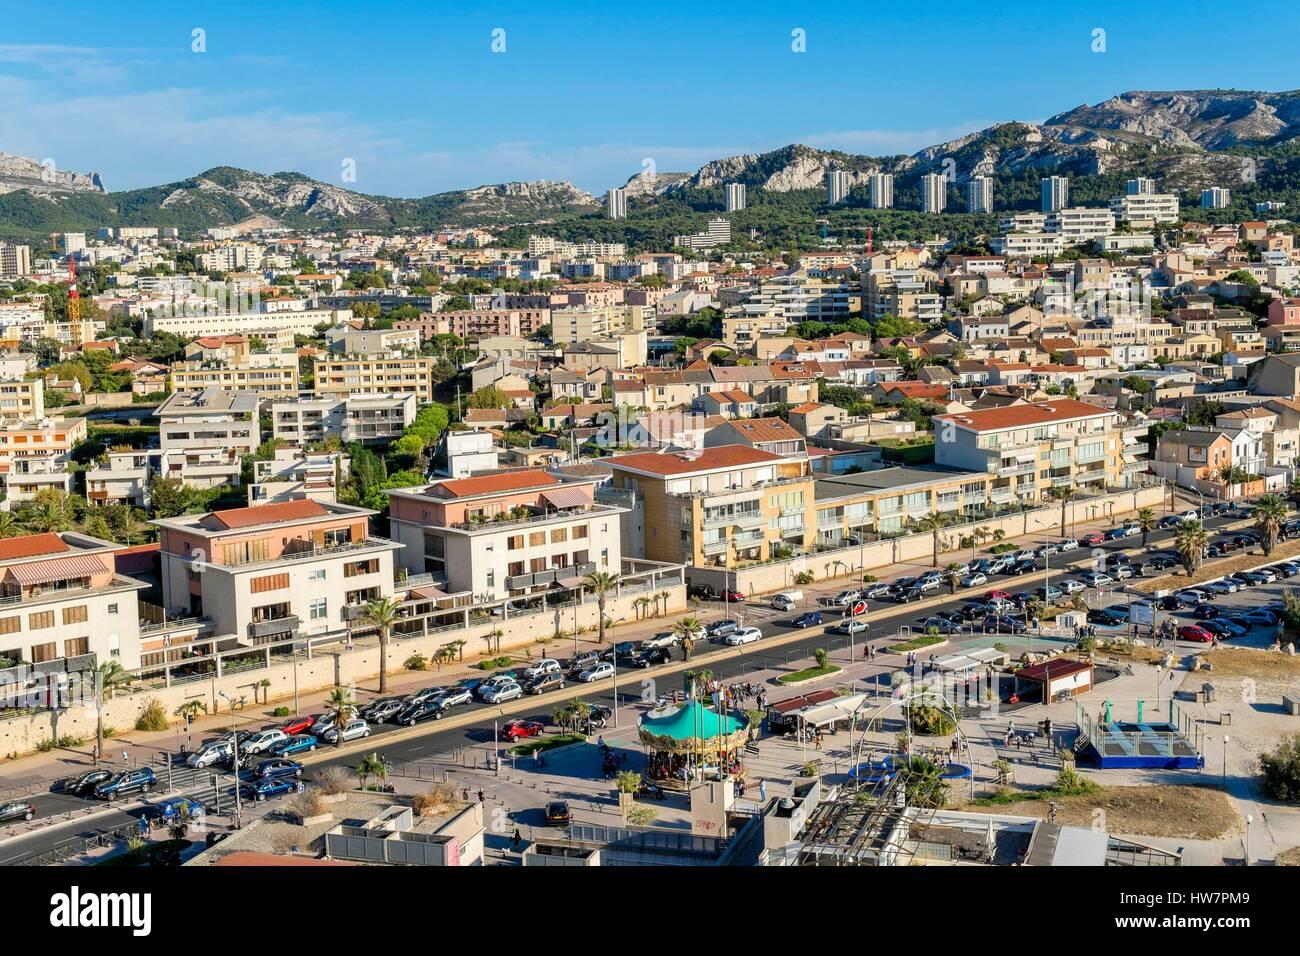 Francia, Bouches du Rhone, Marsella, las playas del Prado, Avenue Pierre Mendes France (vista aérea) Imagen De Stock